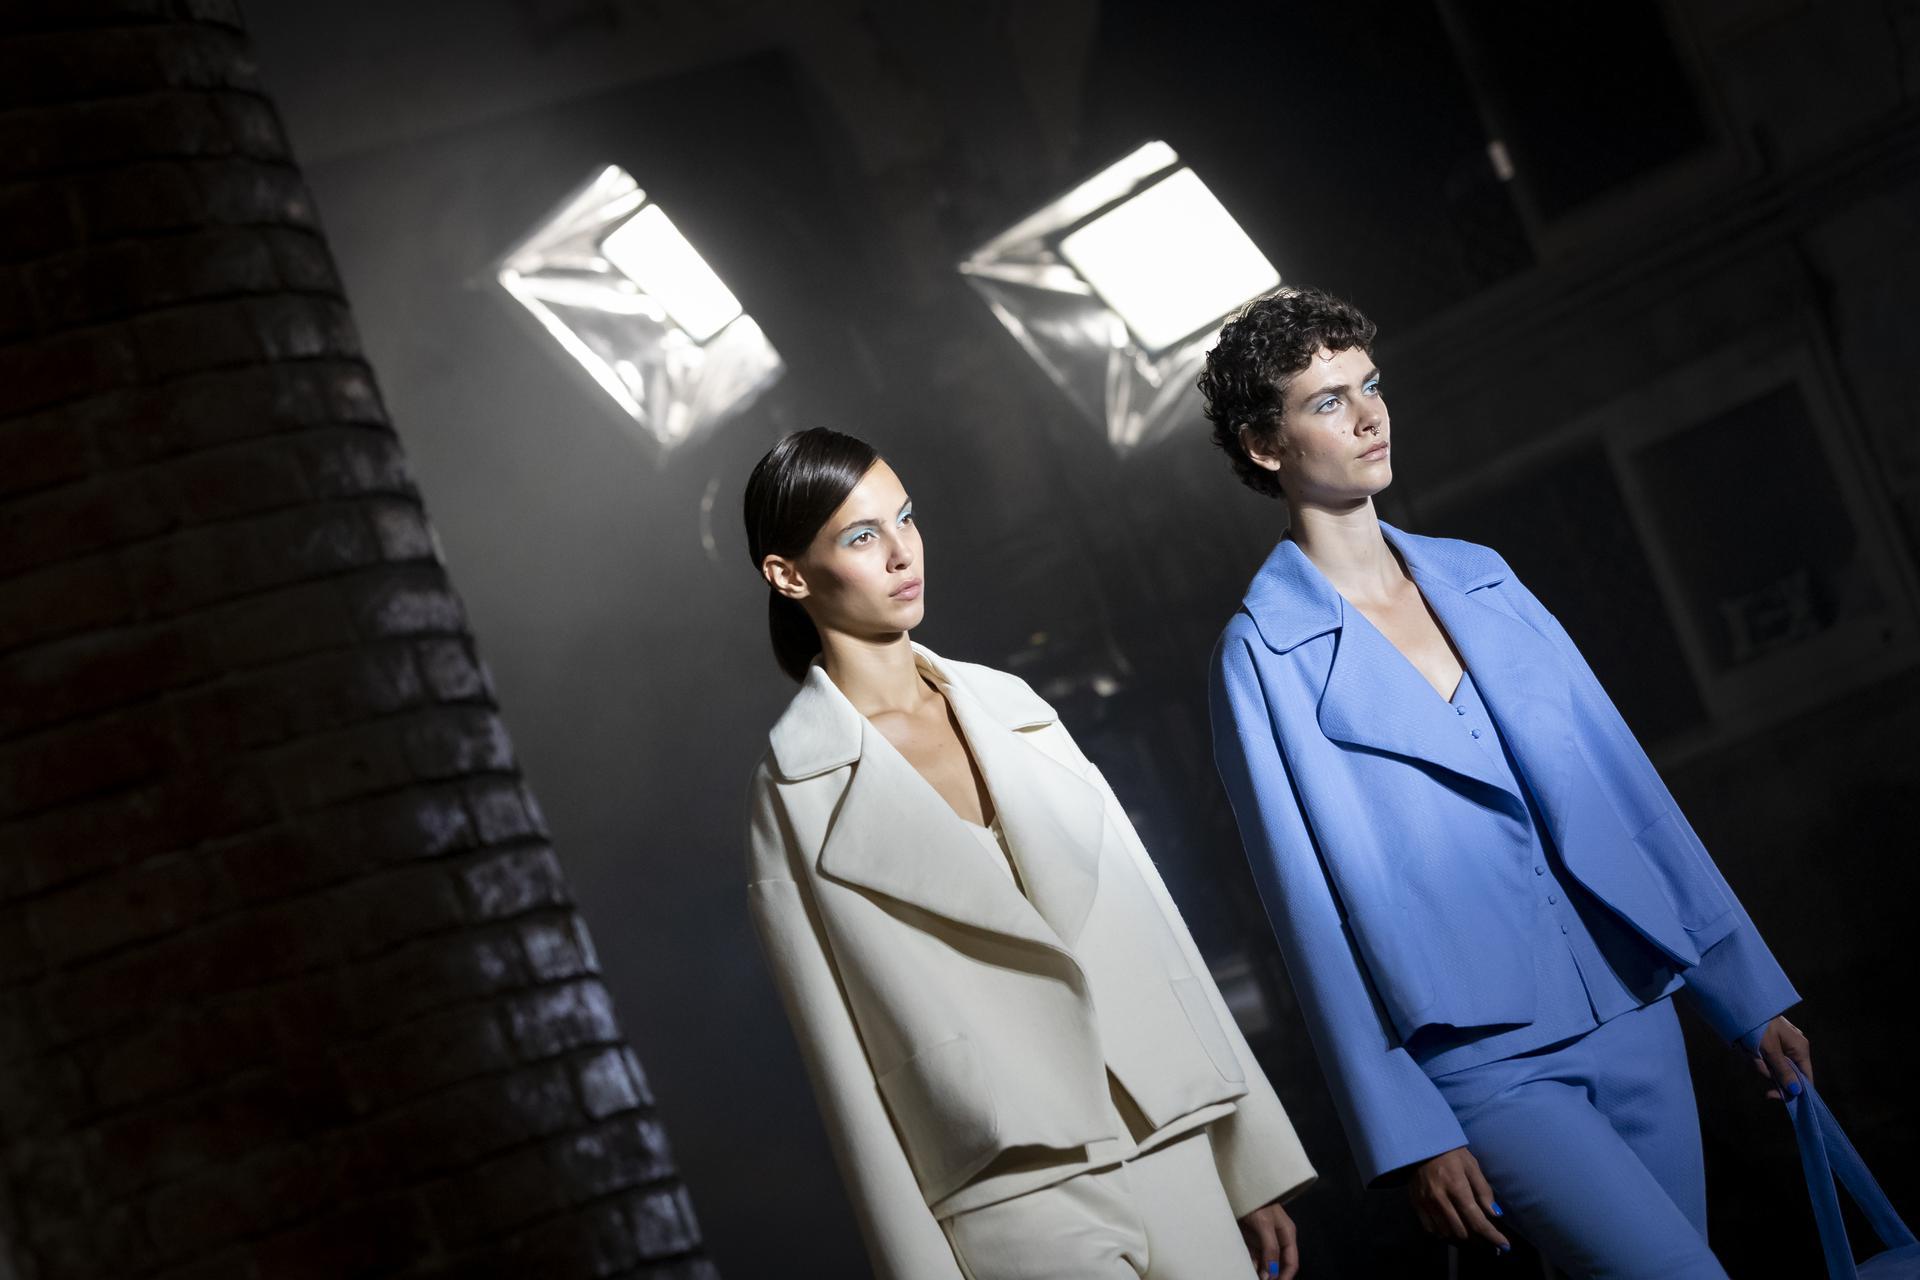 Lera%20Mamba%20ambient 1139 - 080 Barcelona Fashion Digital Edition concluye con su cuarta sesión de los últimos Fashion Show Films